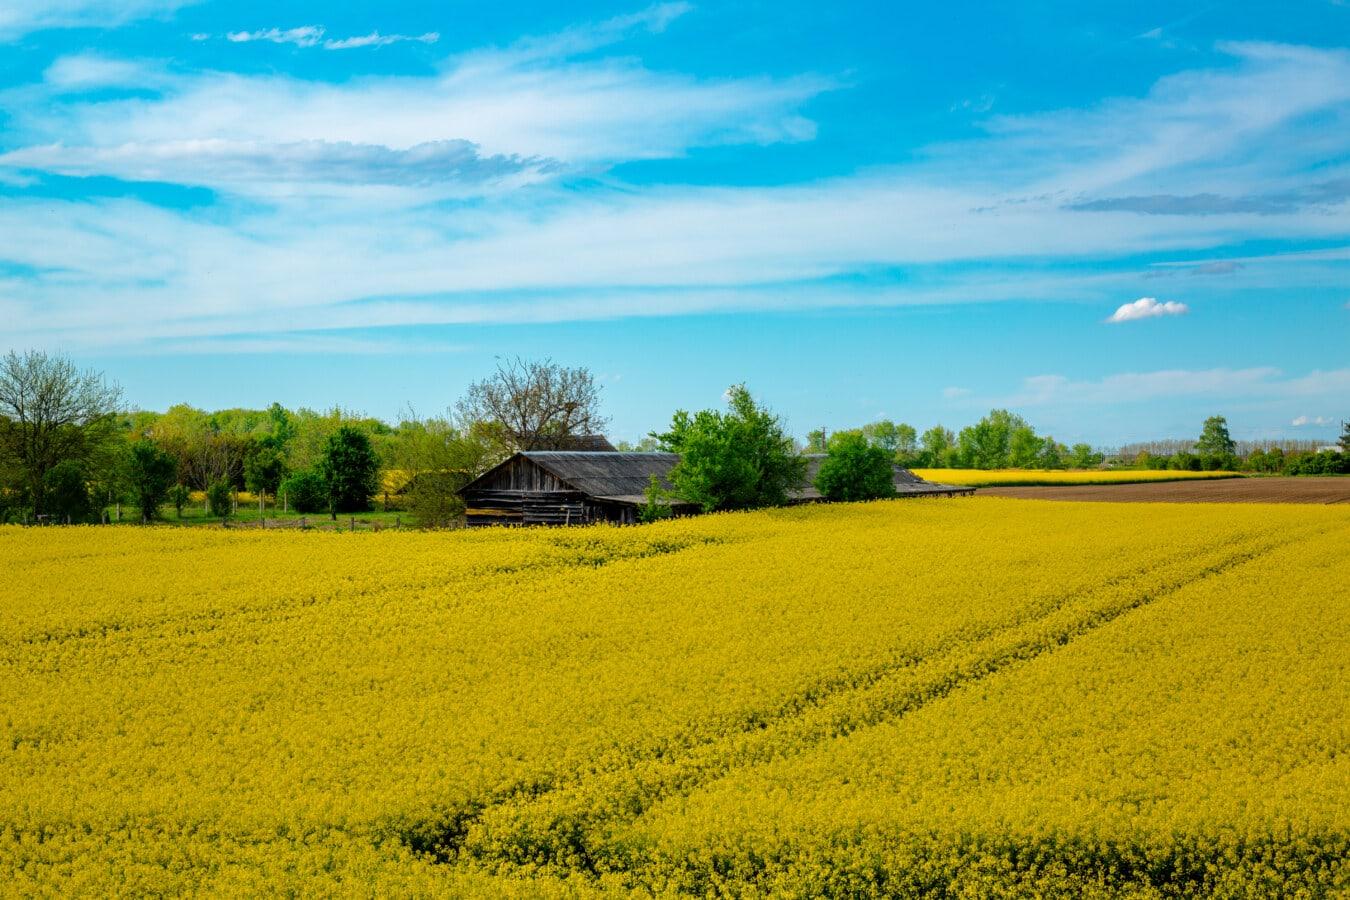 Landschaft, idyllisch, Ackerland, Raps, Bauernhaus, Bauernhof, Sommersaison, sonnig, Samen, Feld